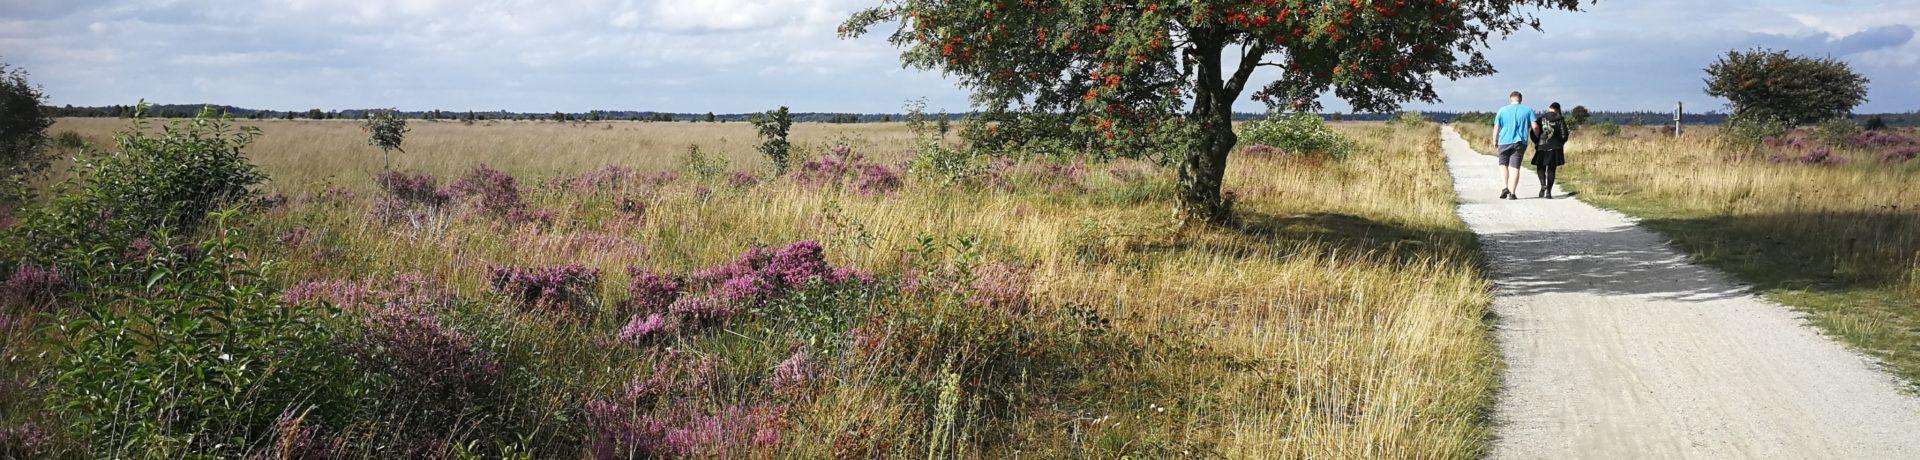 Misschien wel de kleinste camping van Nederland, dan toch in ieder geval wel van Friesland. Je bent van harte welkom om je trekkers-tentje op te zetten in onze charmante boerderijtuin.